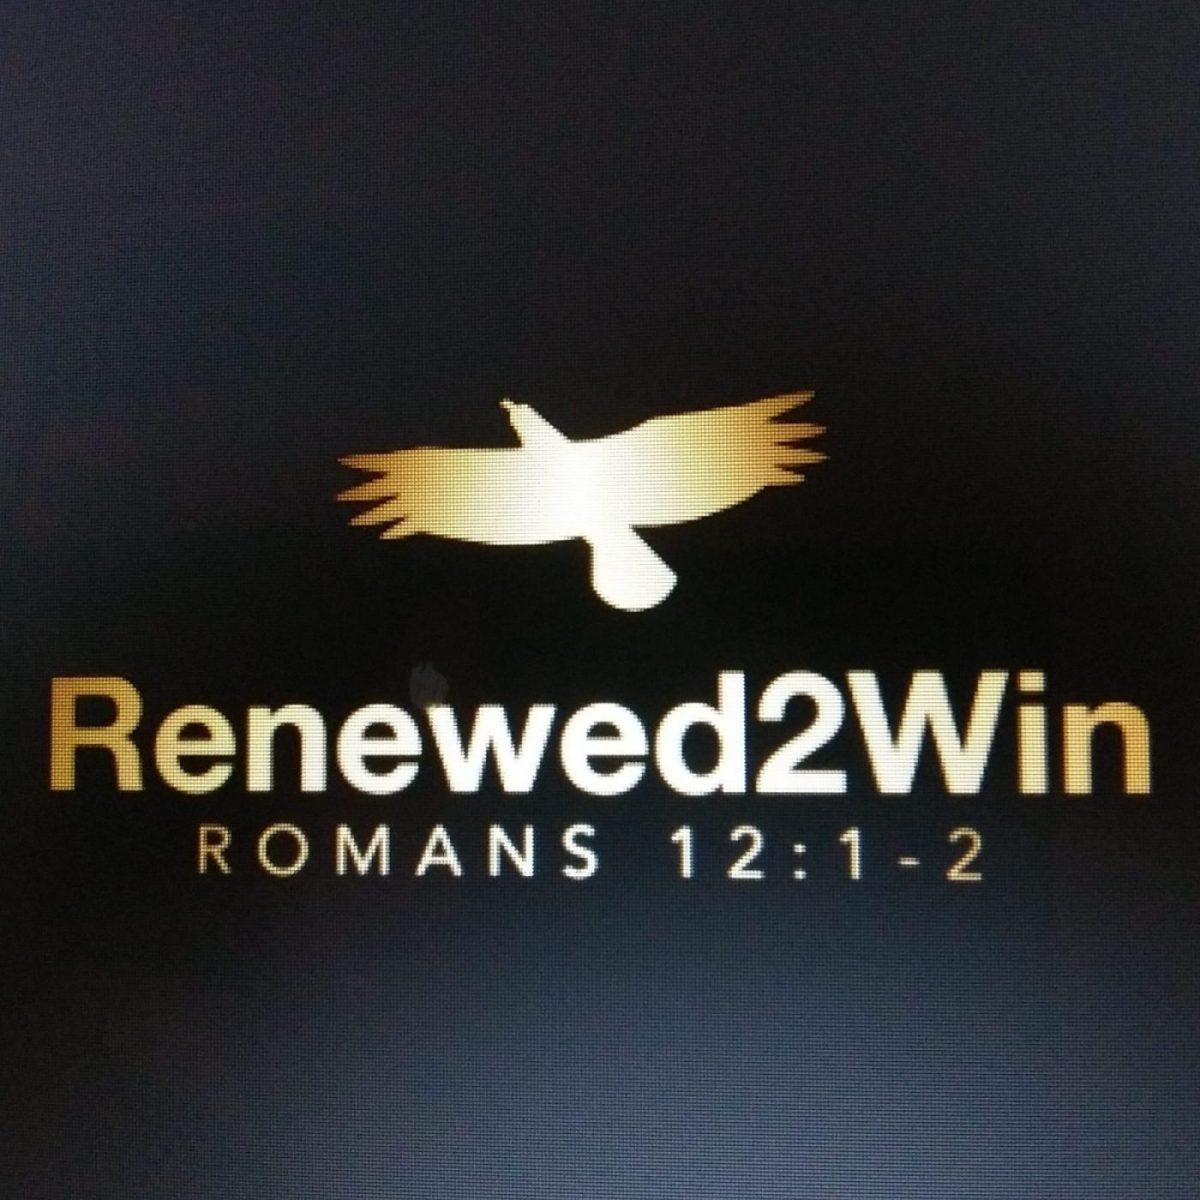 Renewed2win